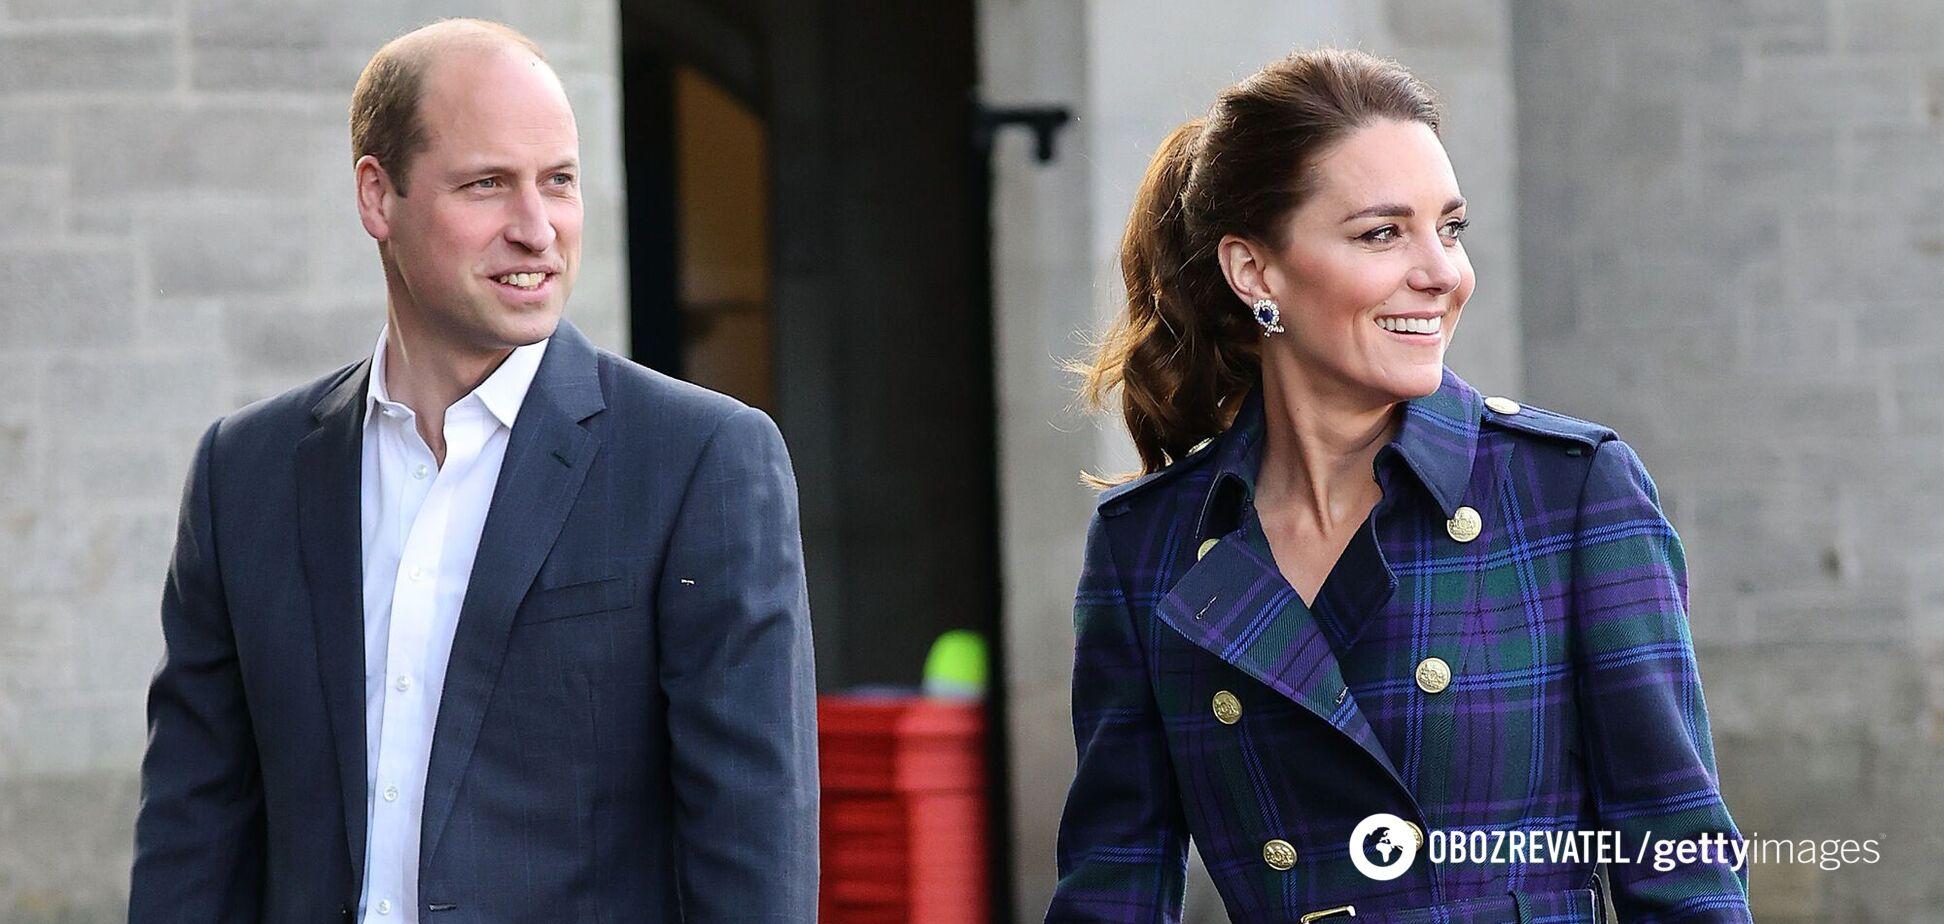 Кейт Міддлтон і принц Вільям мають таємний котедж: що про нього відомо. Фото